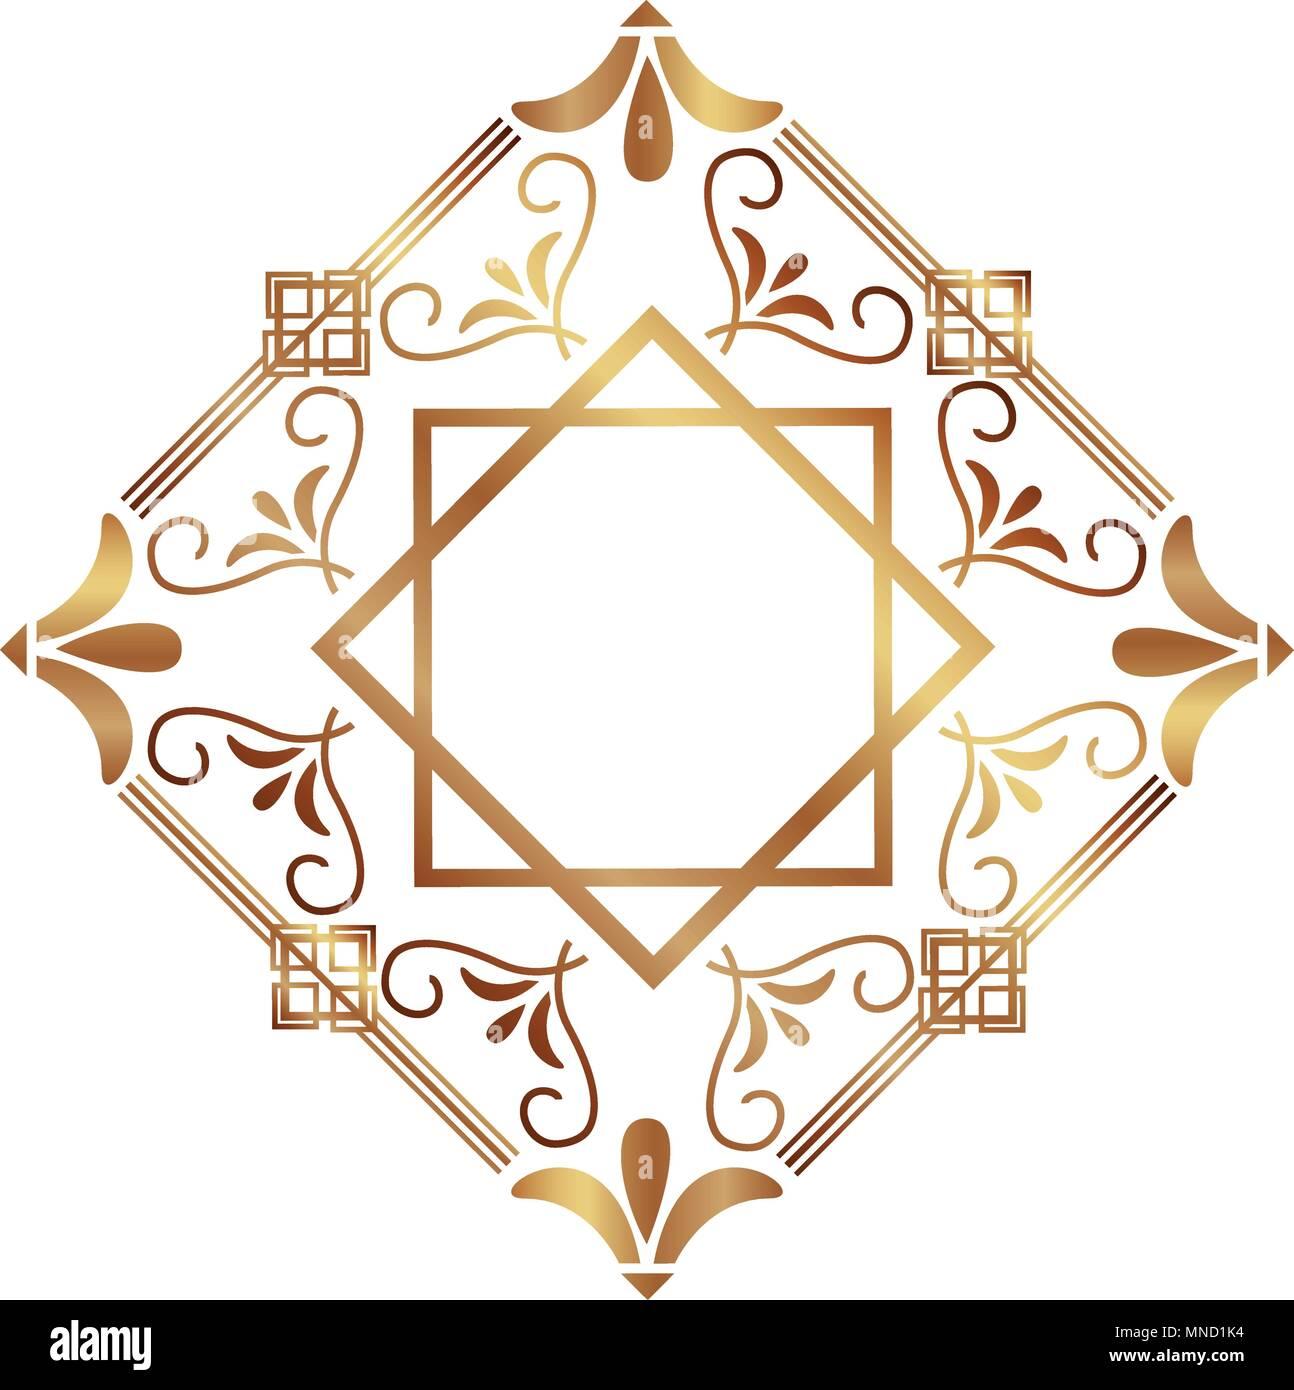 Los bordes del marco art deco retro estilo floral geométrico ...